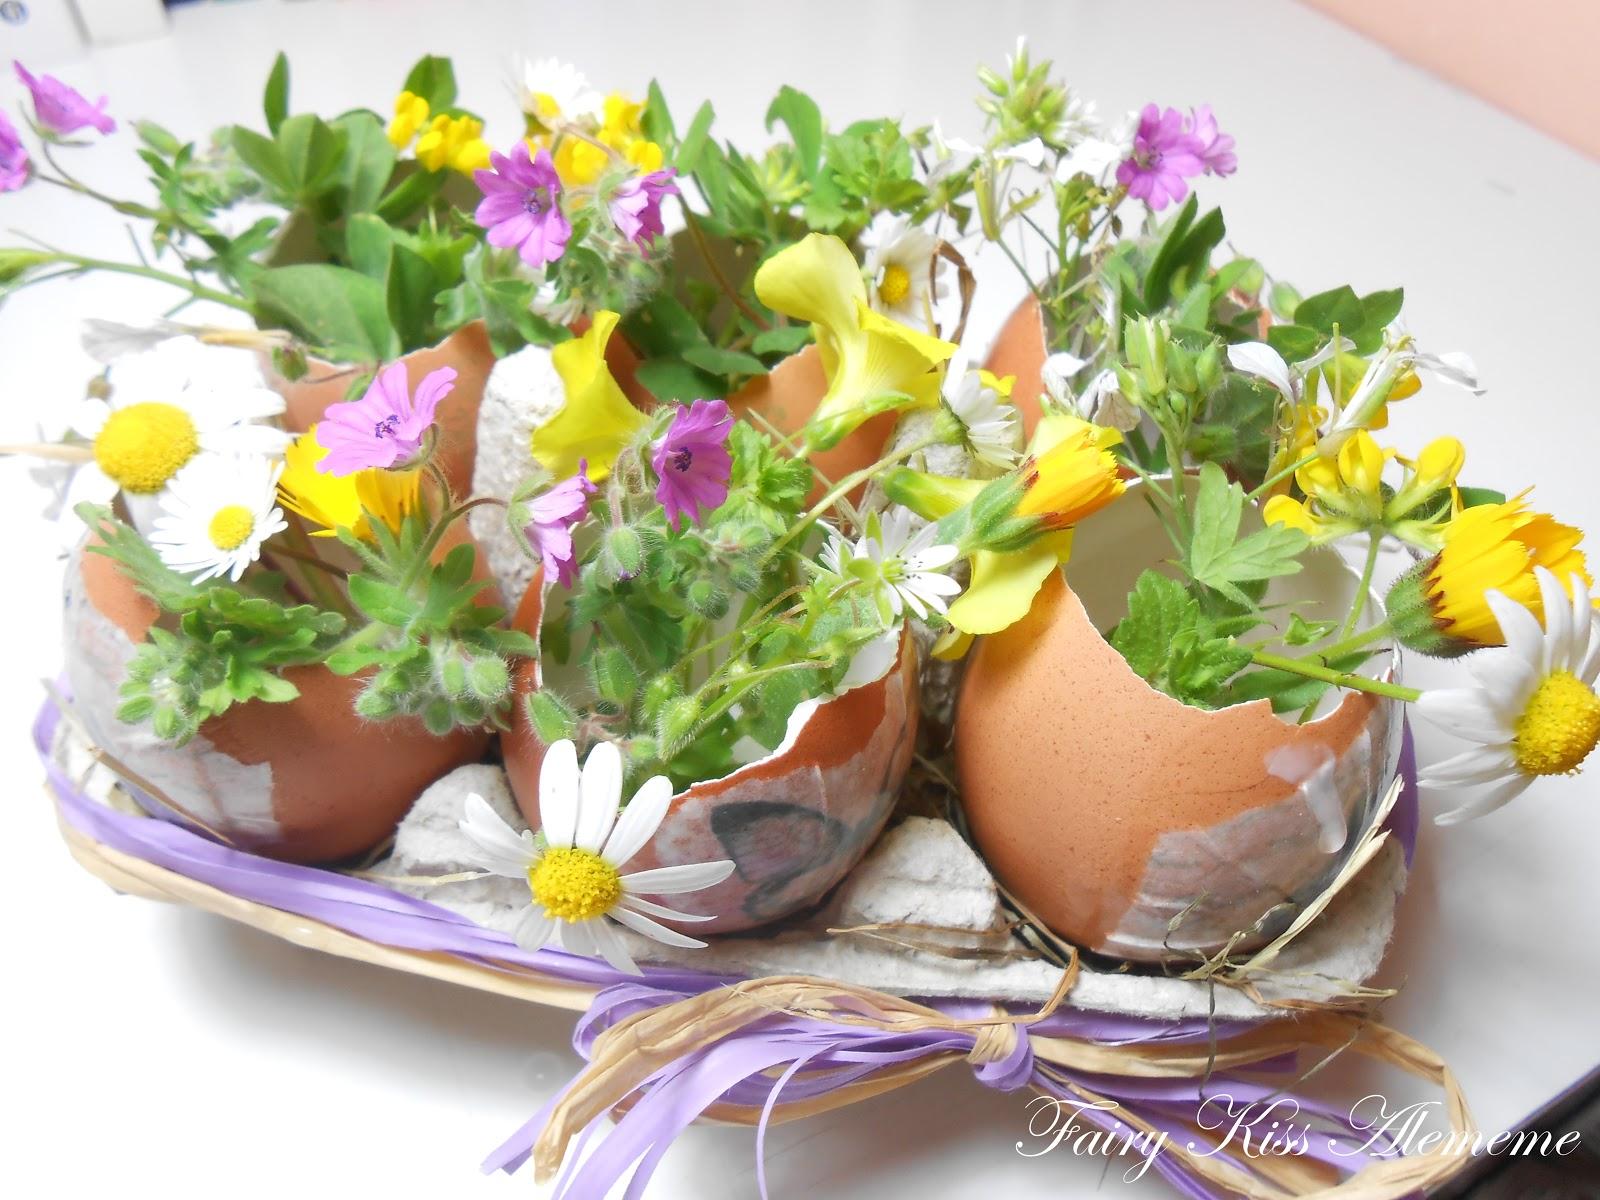 Fairy kiss idee per decorare la nostra casa a pasqua - Uova di pasqua in casa ...